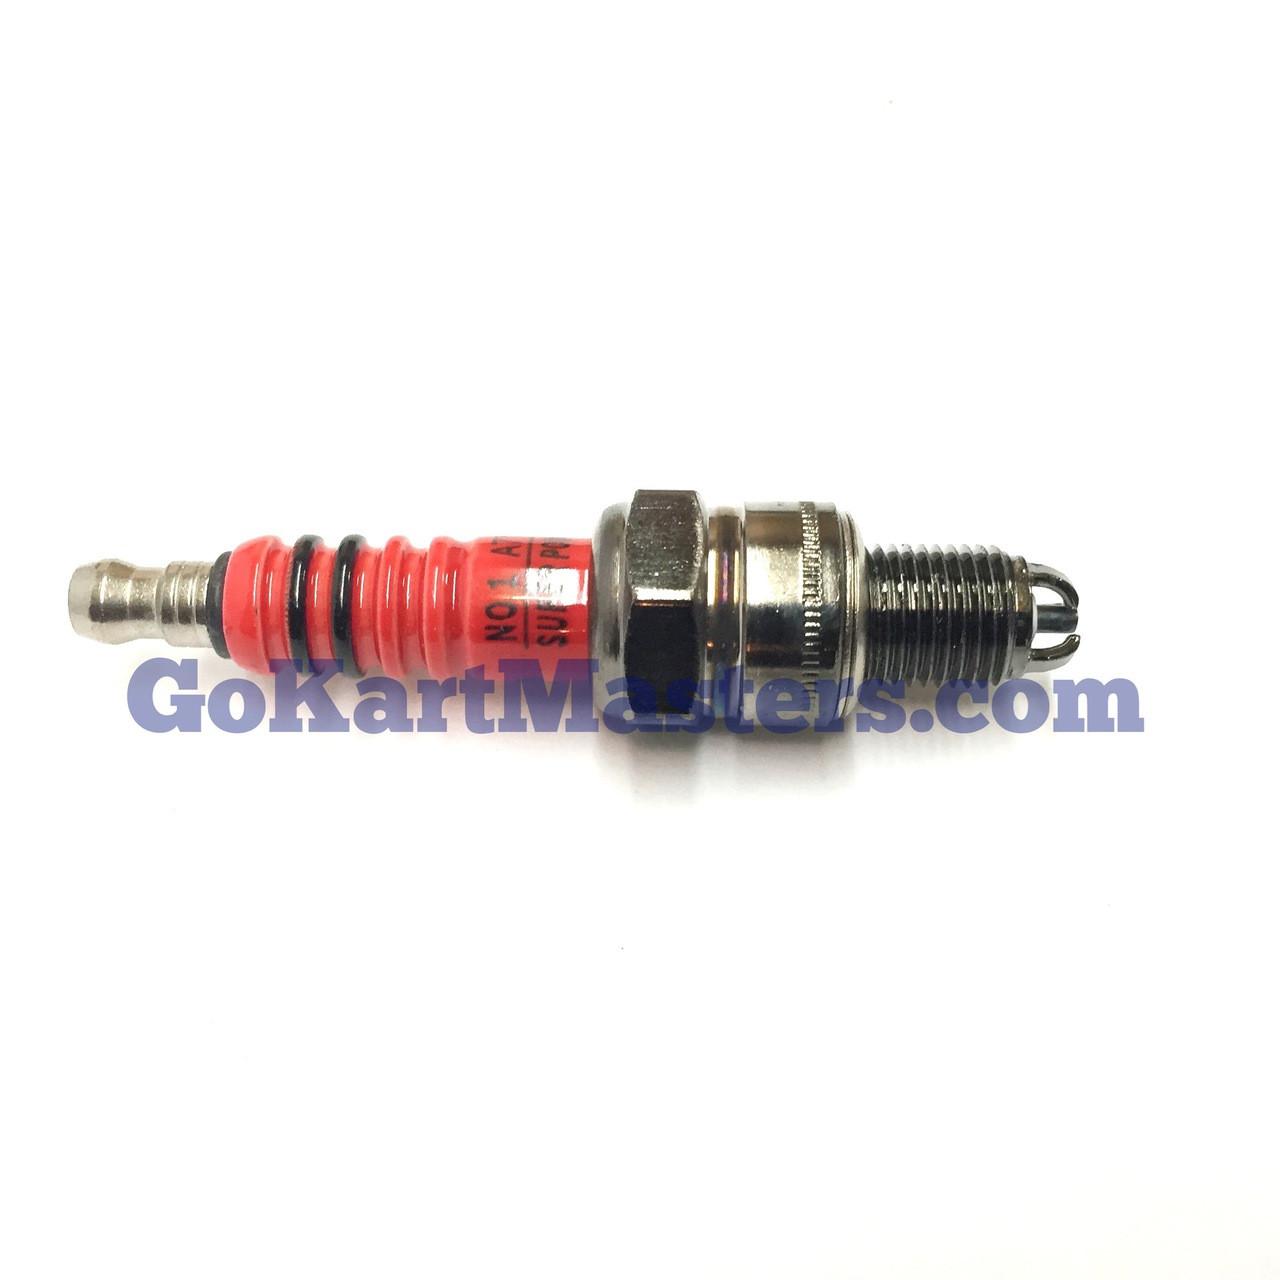 TrailMaster 150cc Performance Spark Plug